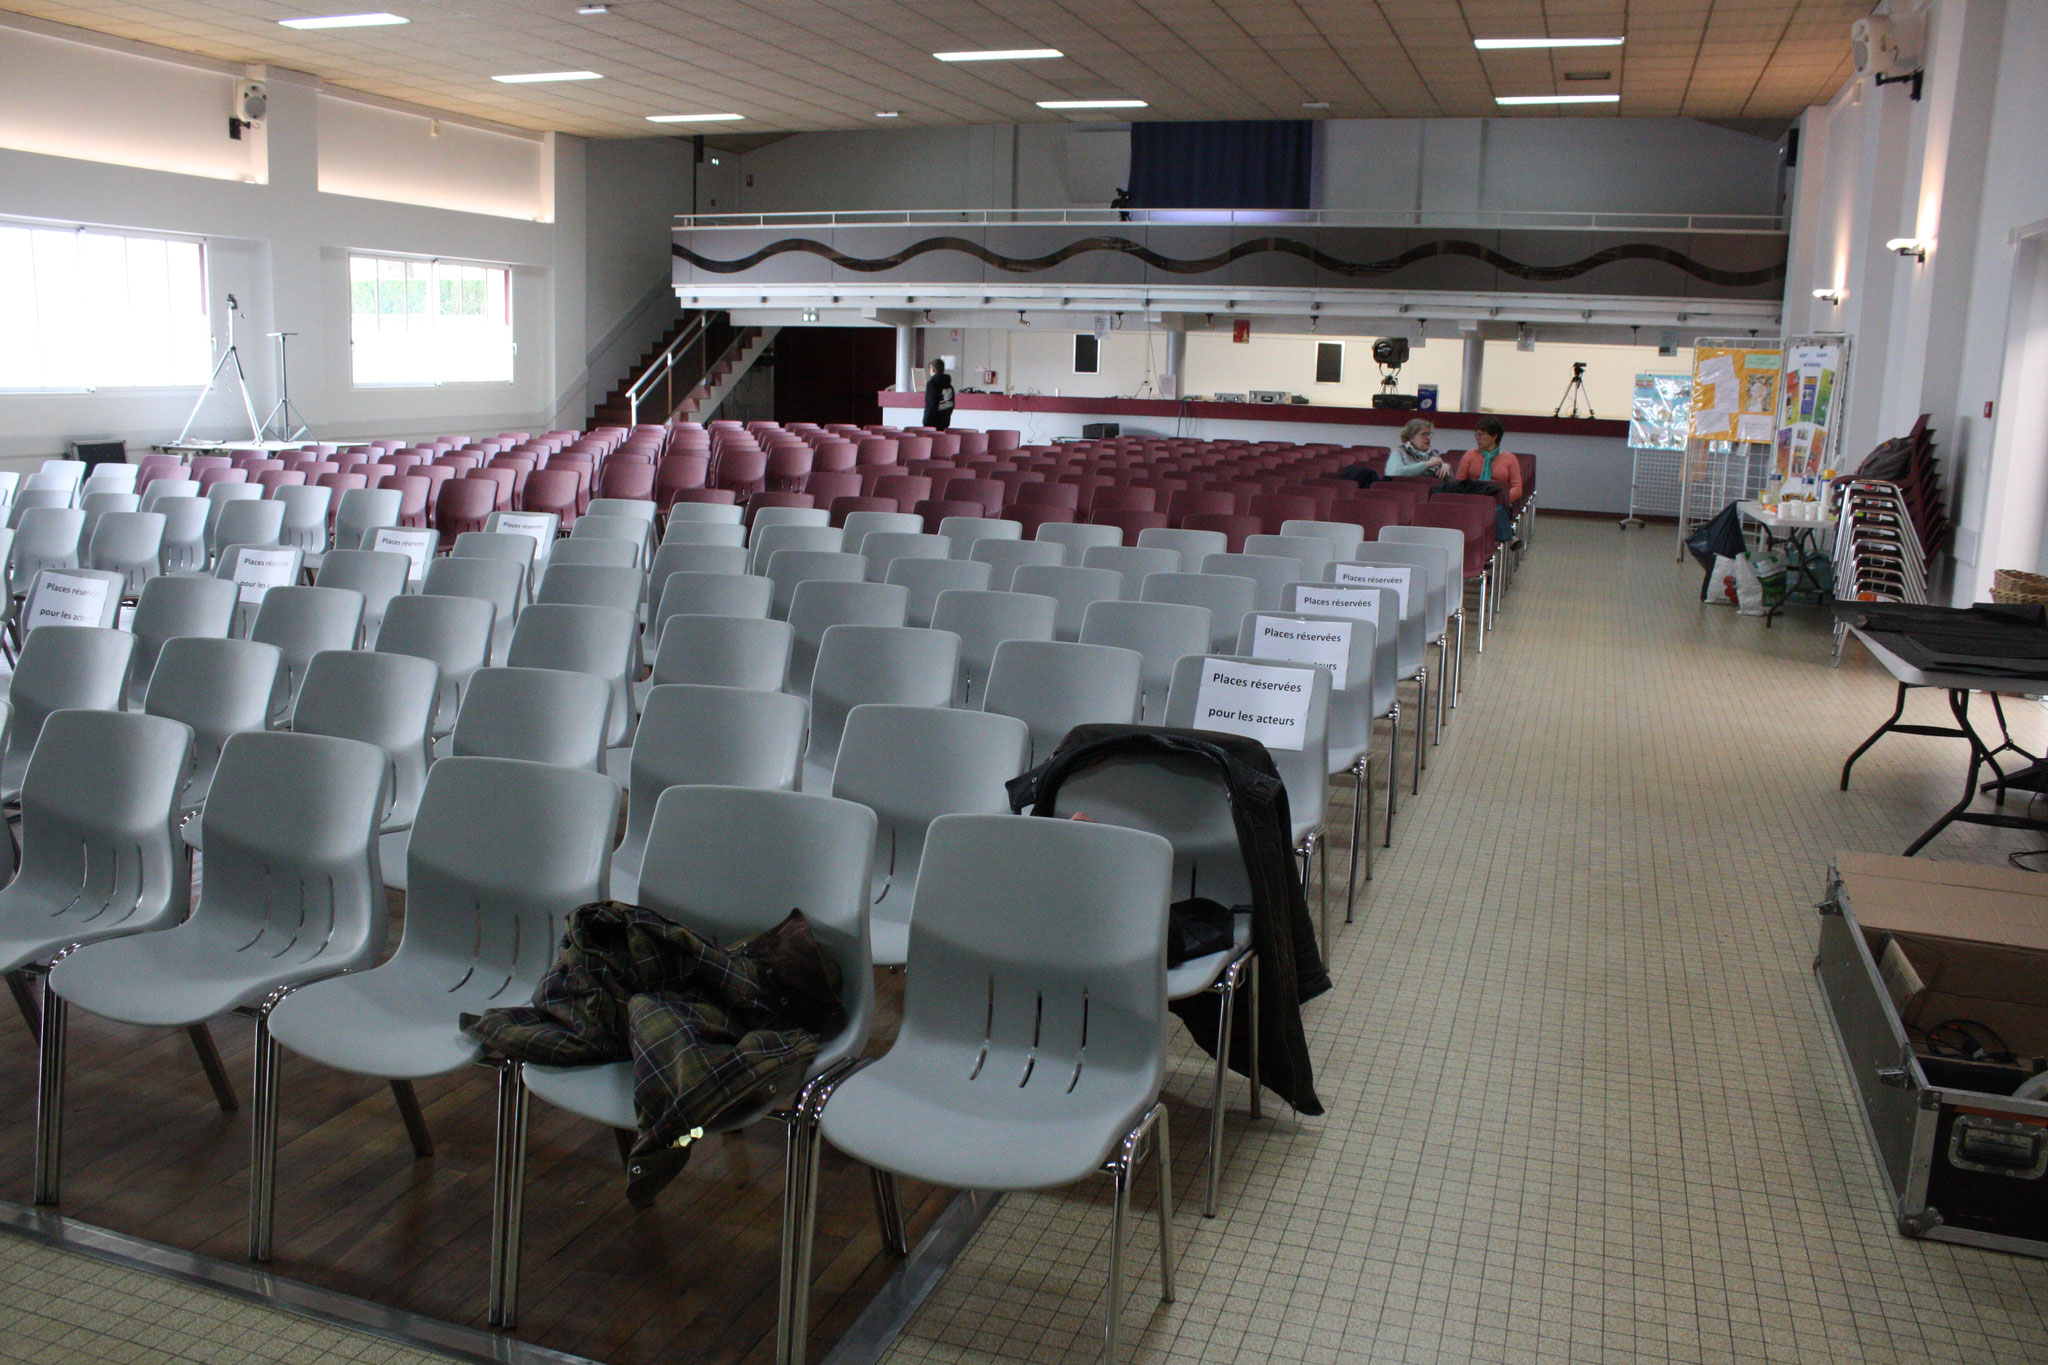 Salle des fêtes - ( c) JDR